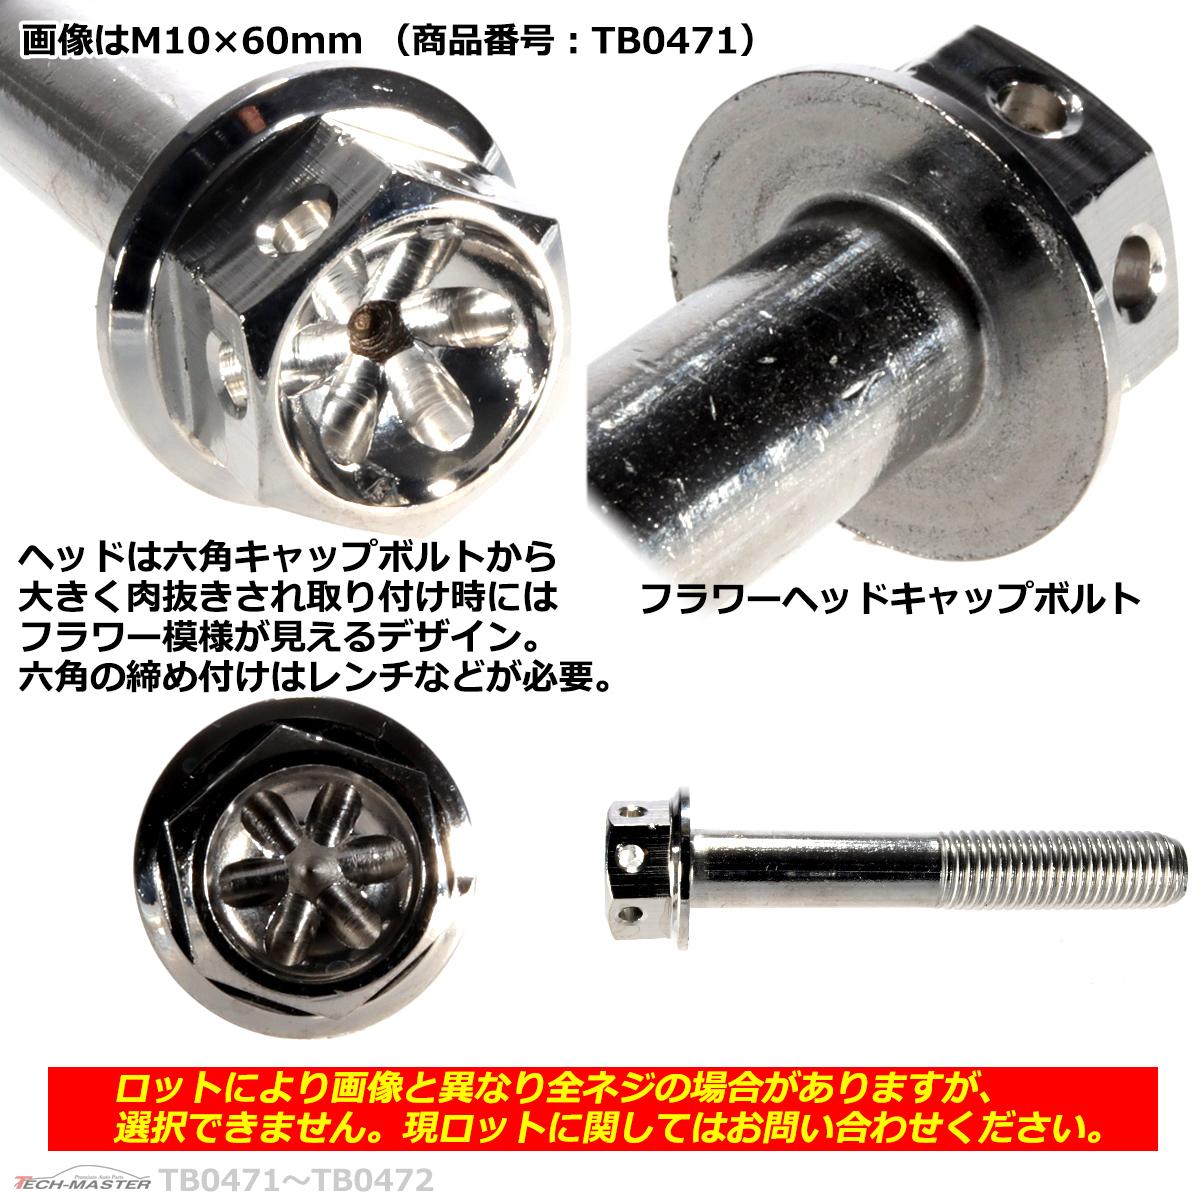 M10×60mm P1.25 フラワーヘッド キャップボルト ステンレス 車/バイク/自転車 ドレスアップ シルバー 1個 TB0471_画像2